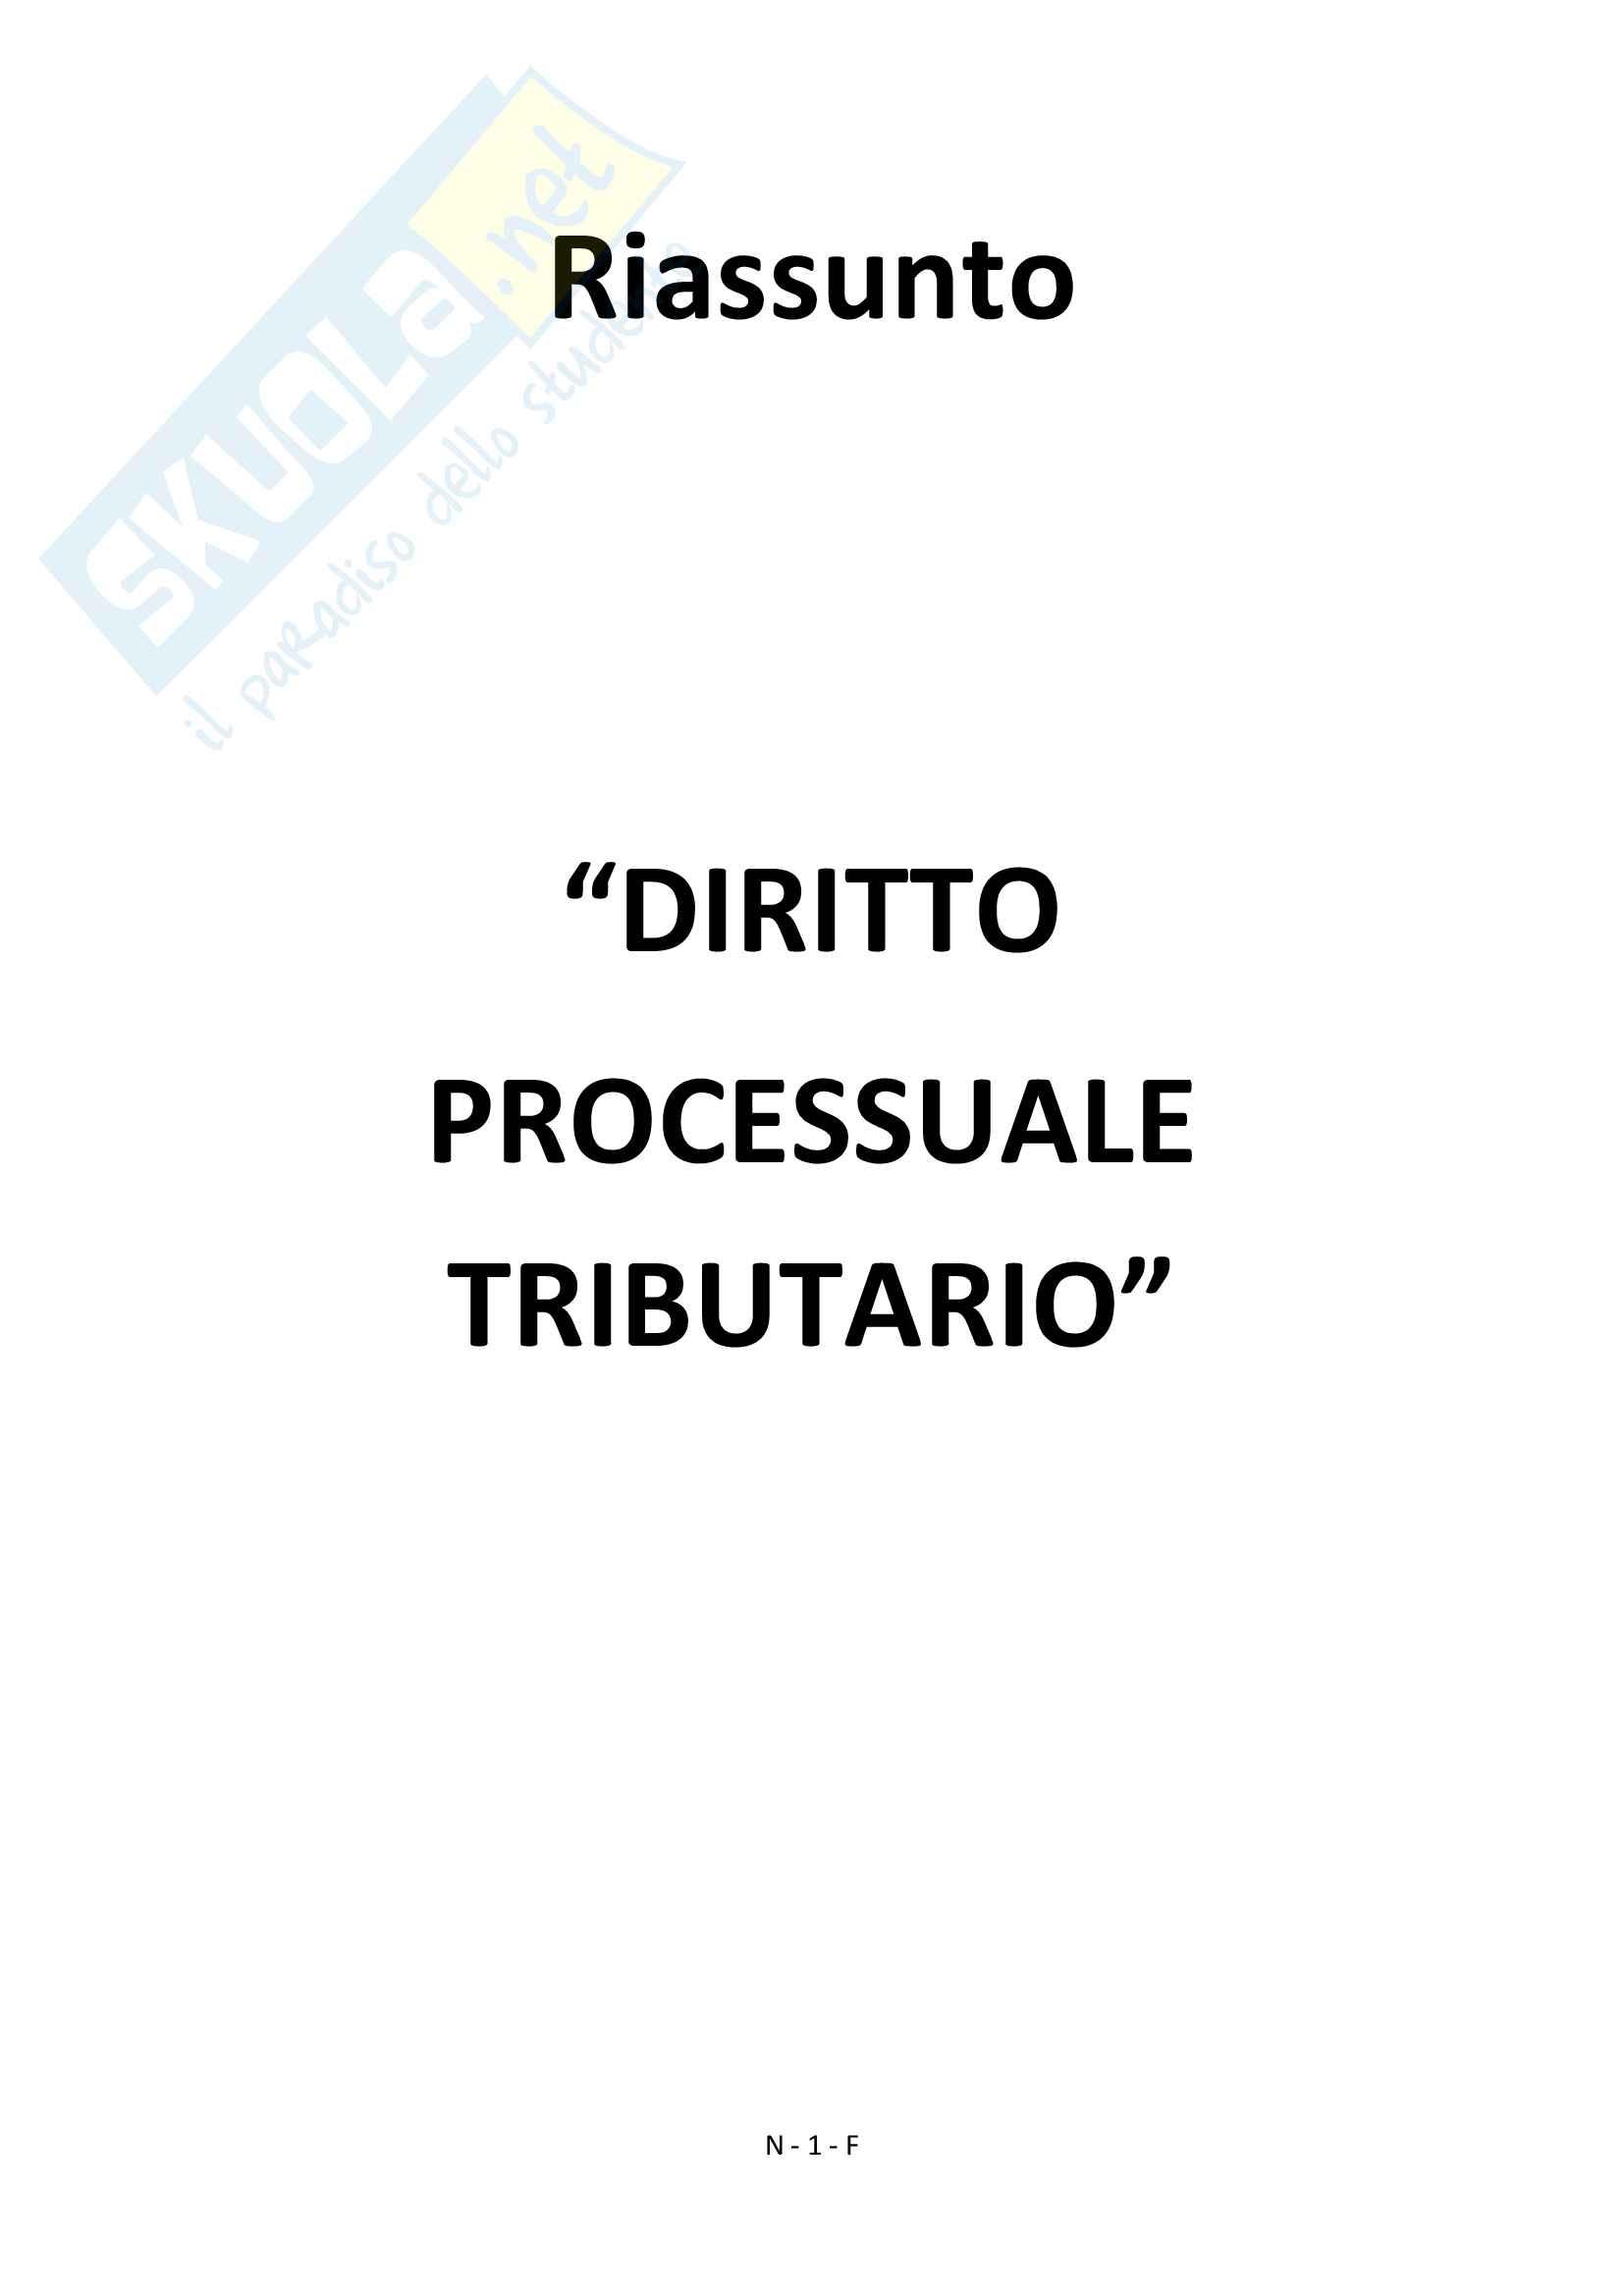 """Riassunto esame Diritto Processuale Tributario, prof.  Colli Vignarelli Andrea,  Libro consigliato """"Manuale del Processo Tributario"""", G.Giappichelli"""